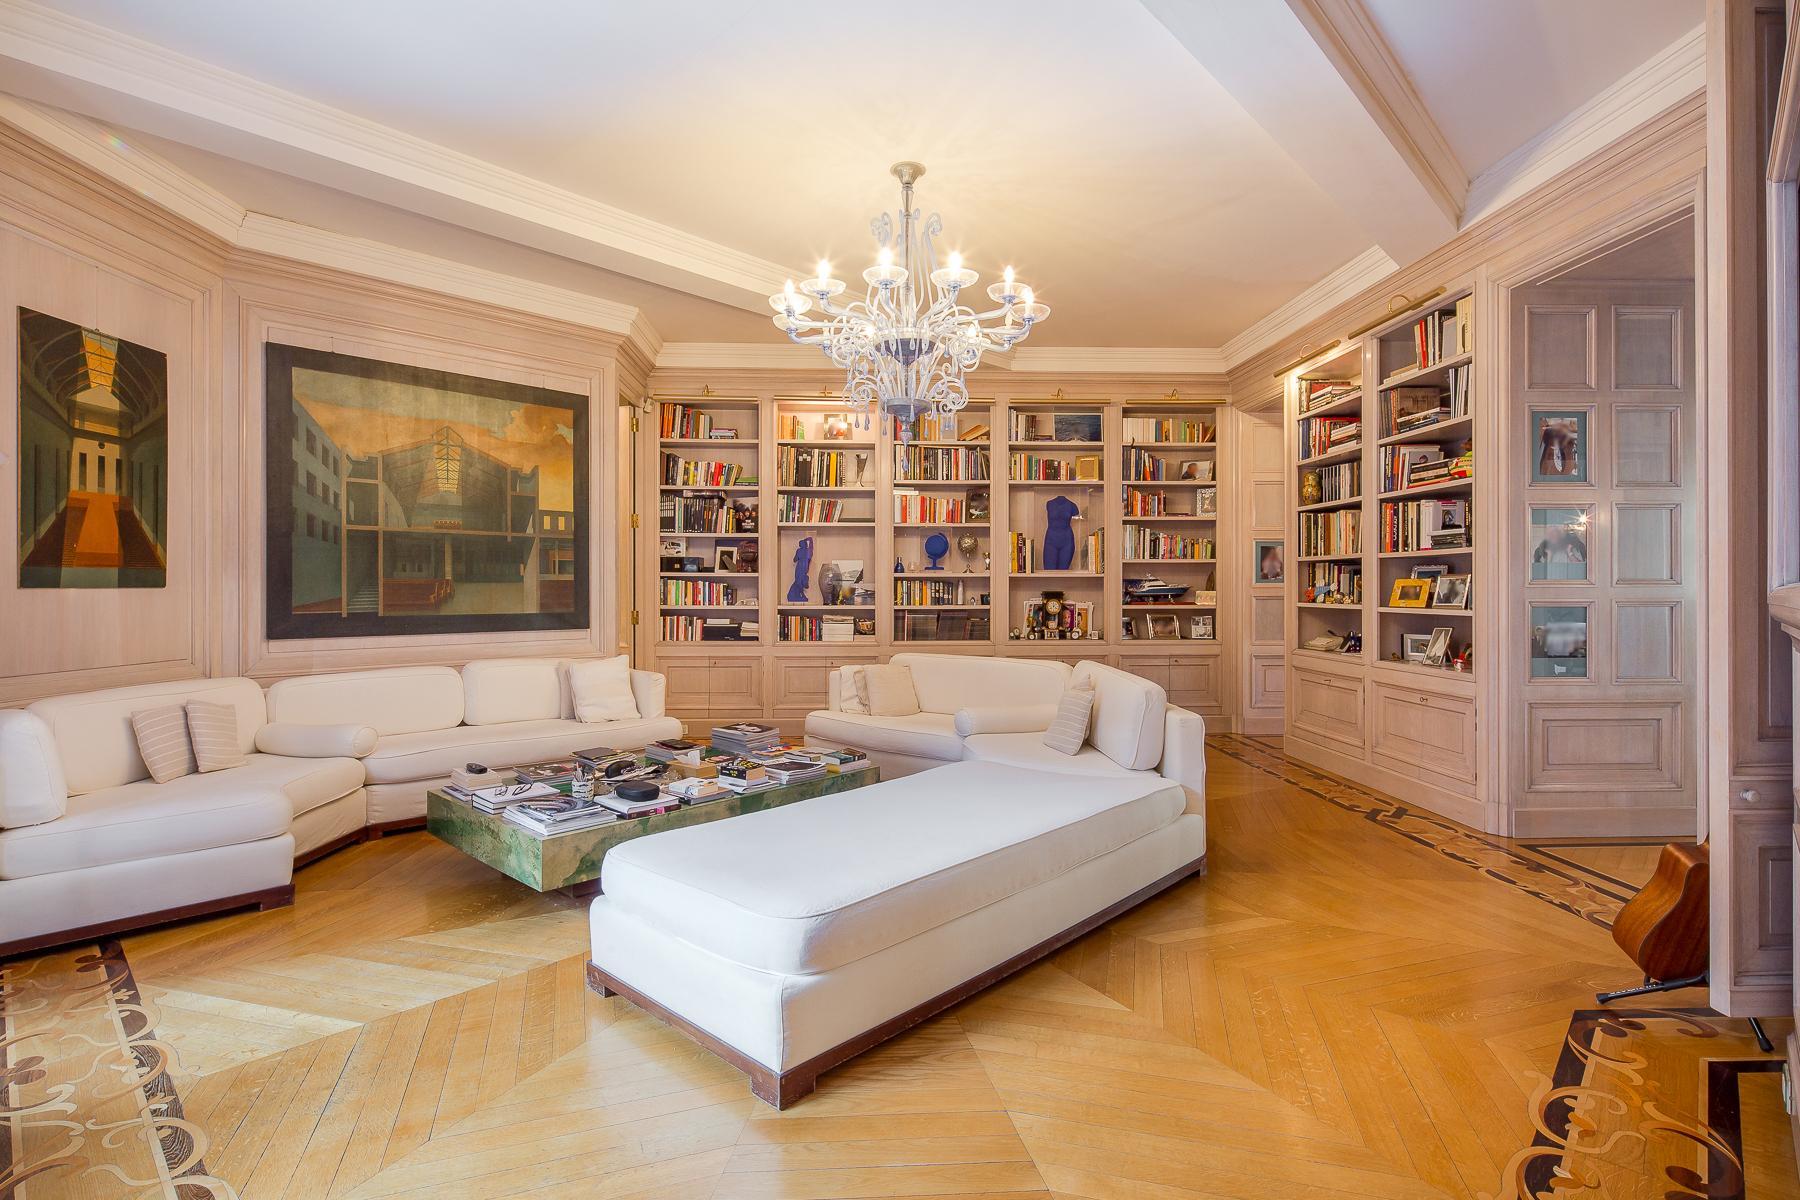 Elegante Wohnung im historischen Palast - 11